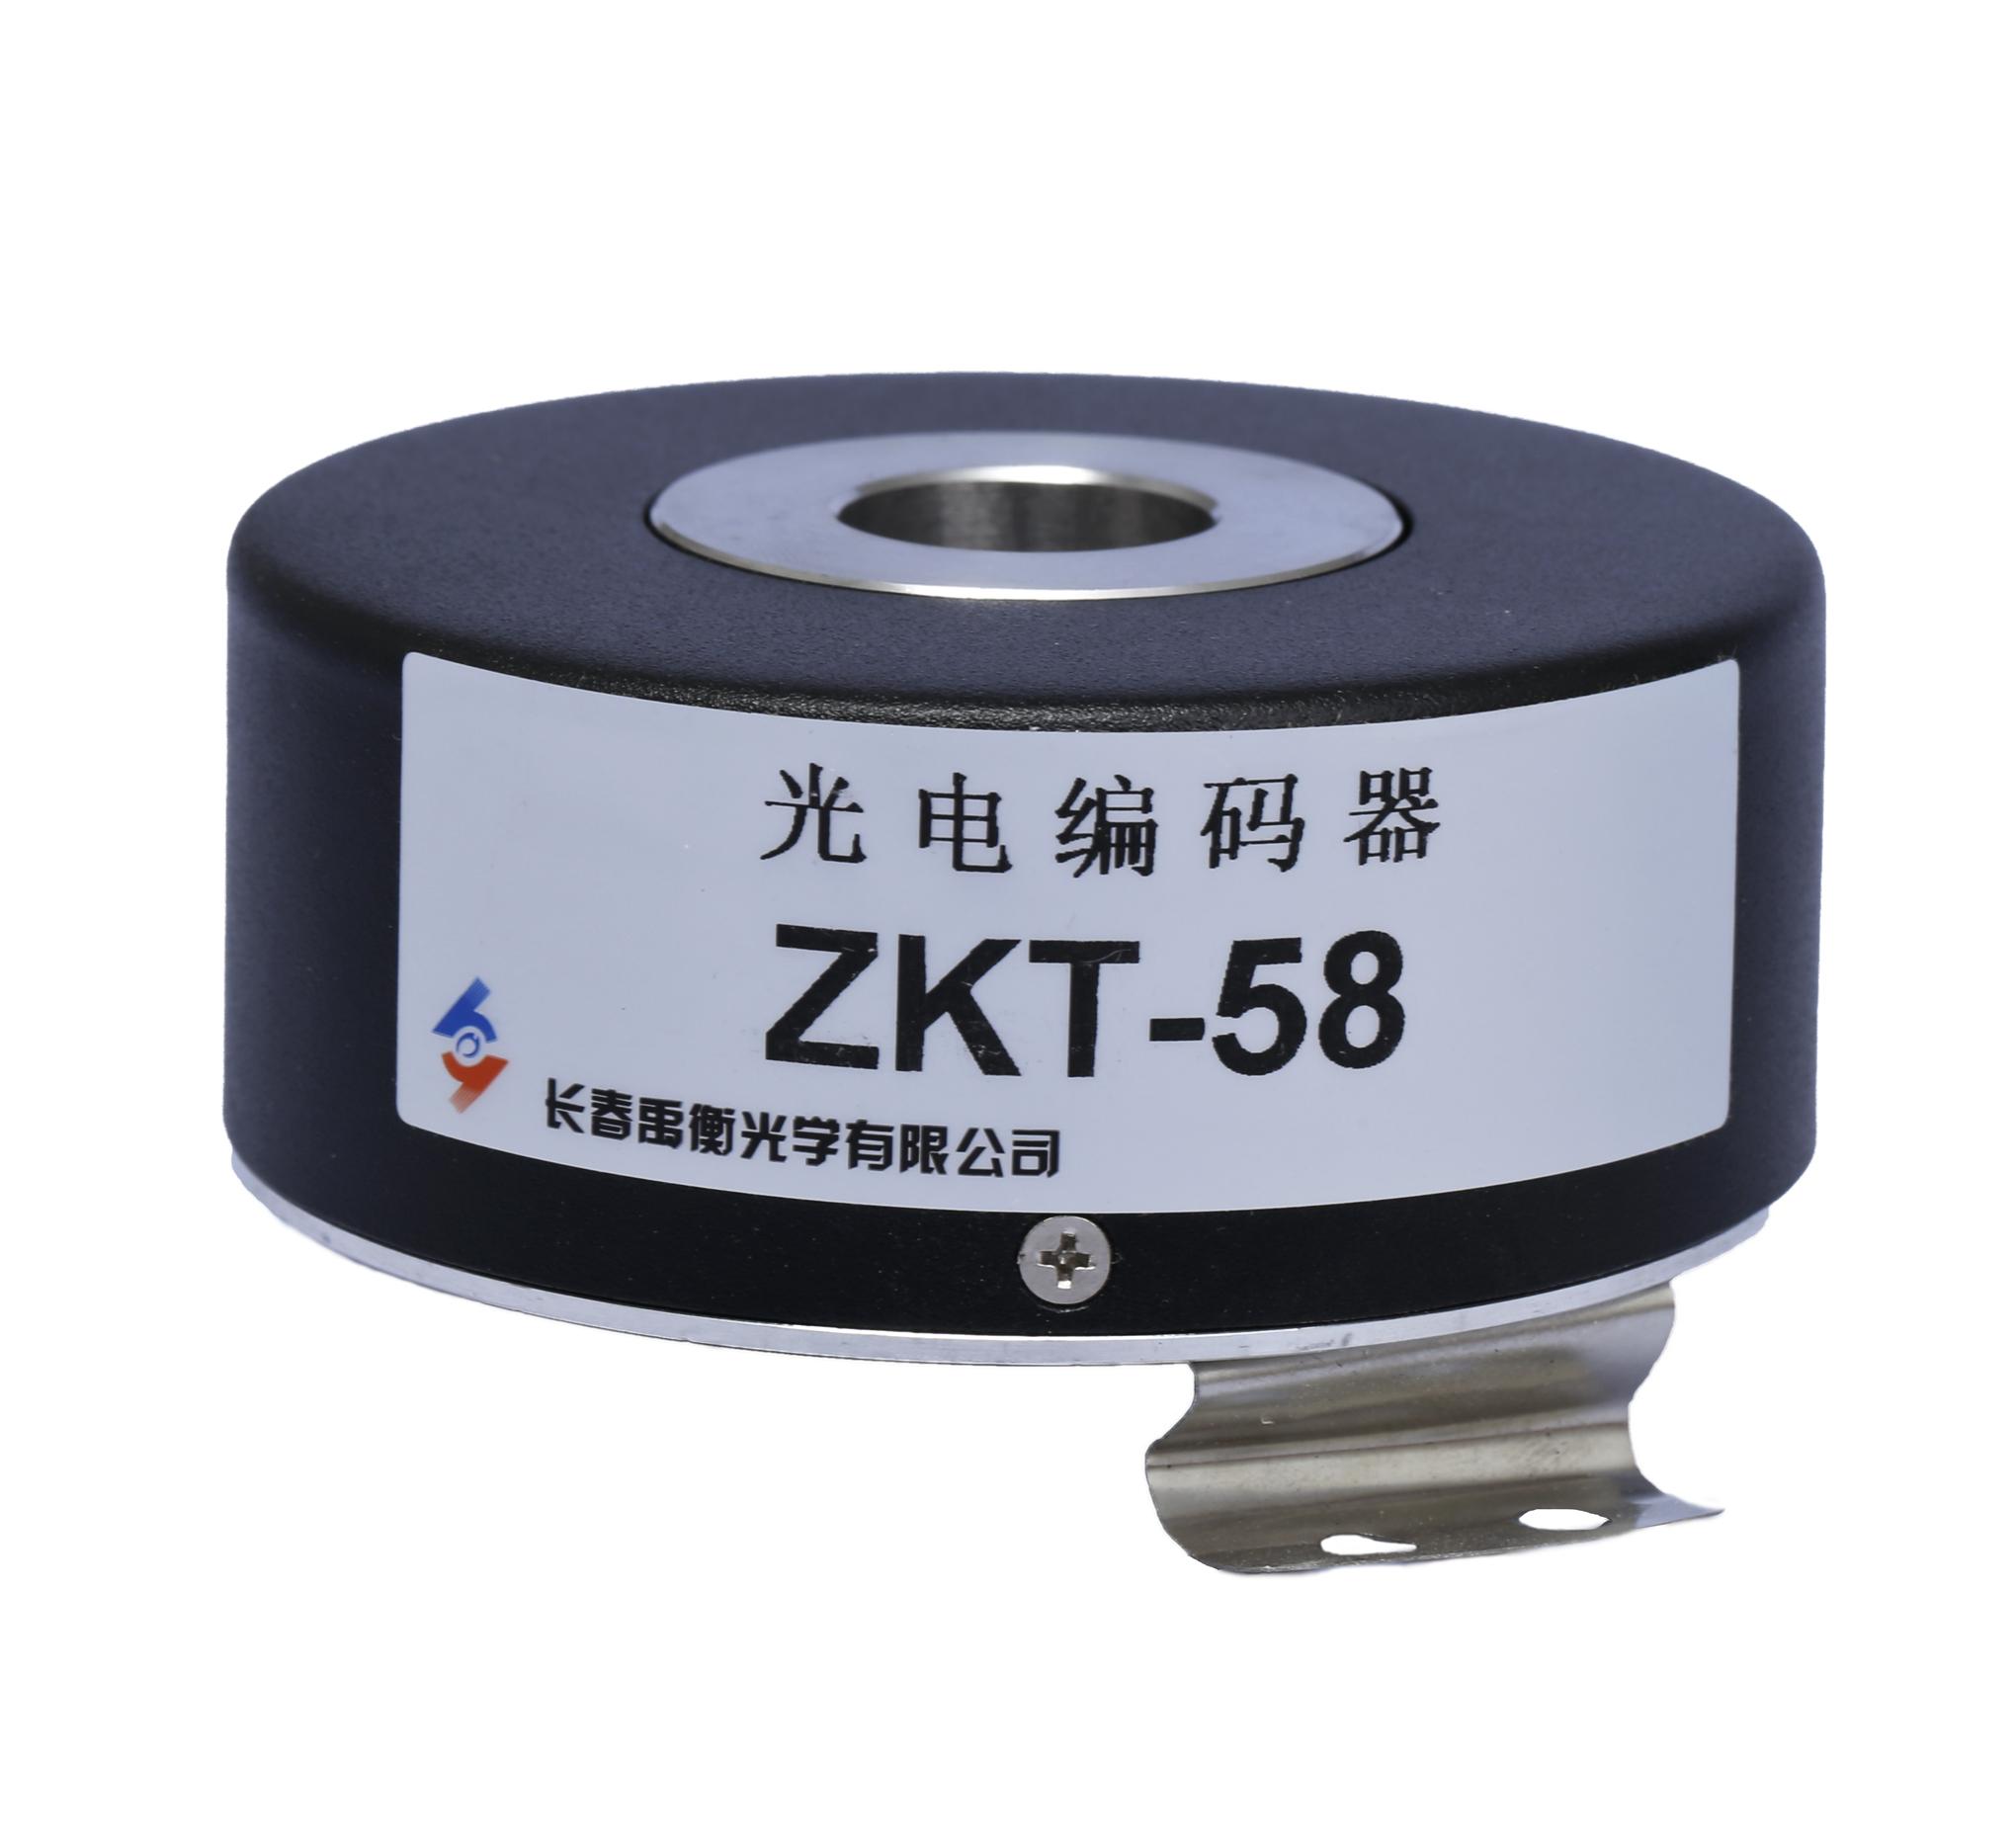 ZKT-58A 增量式光栅旋转编码器 禹衡光学